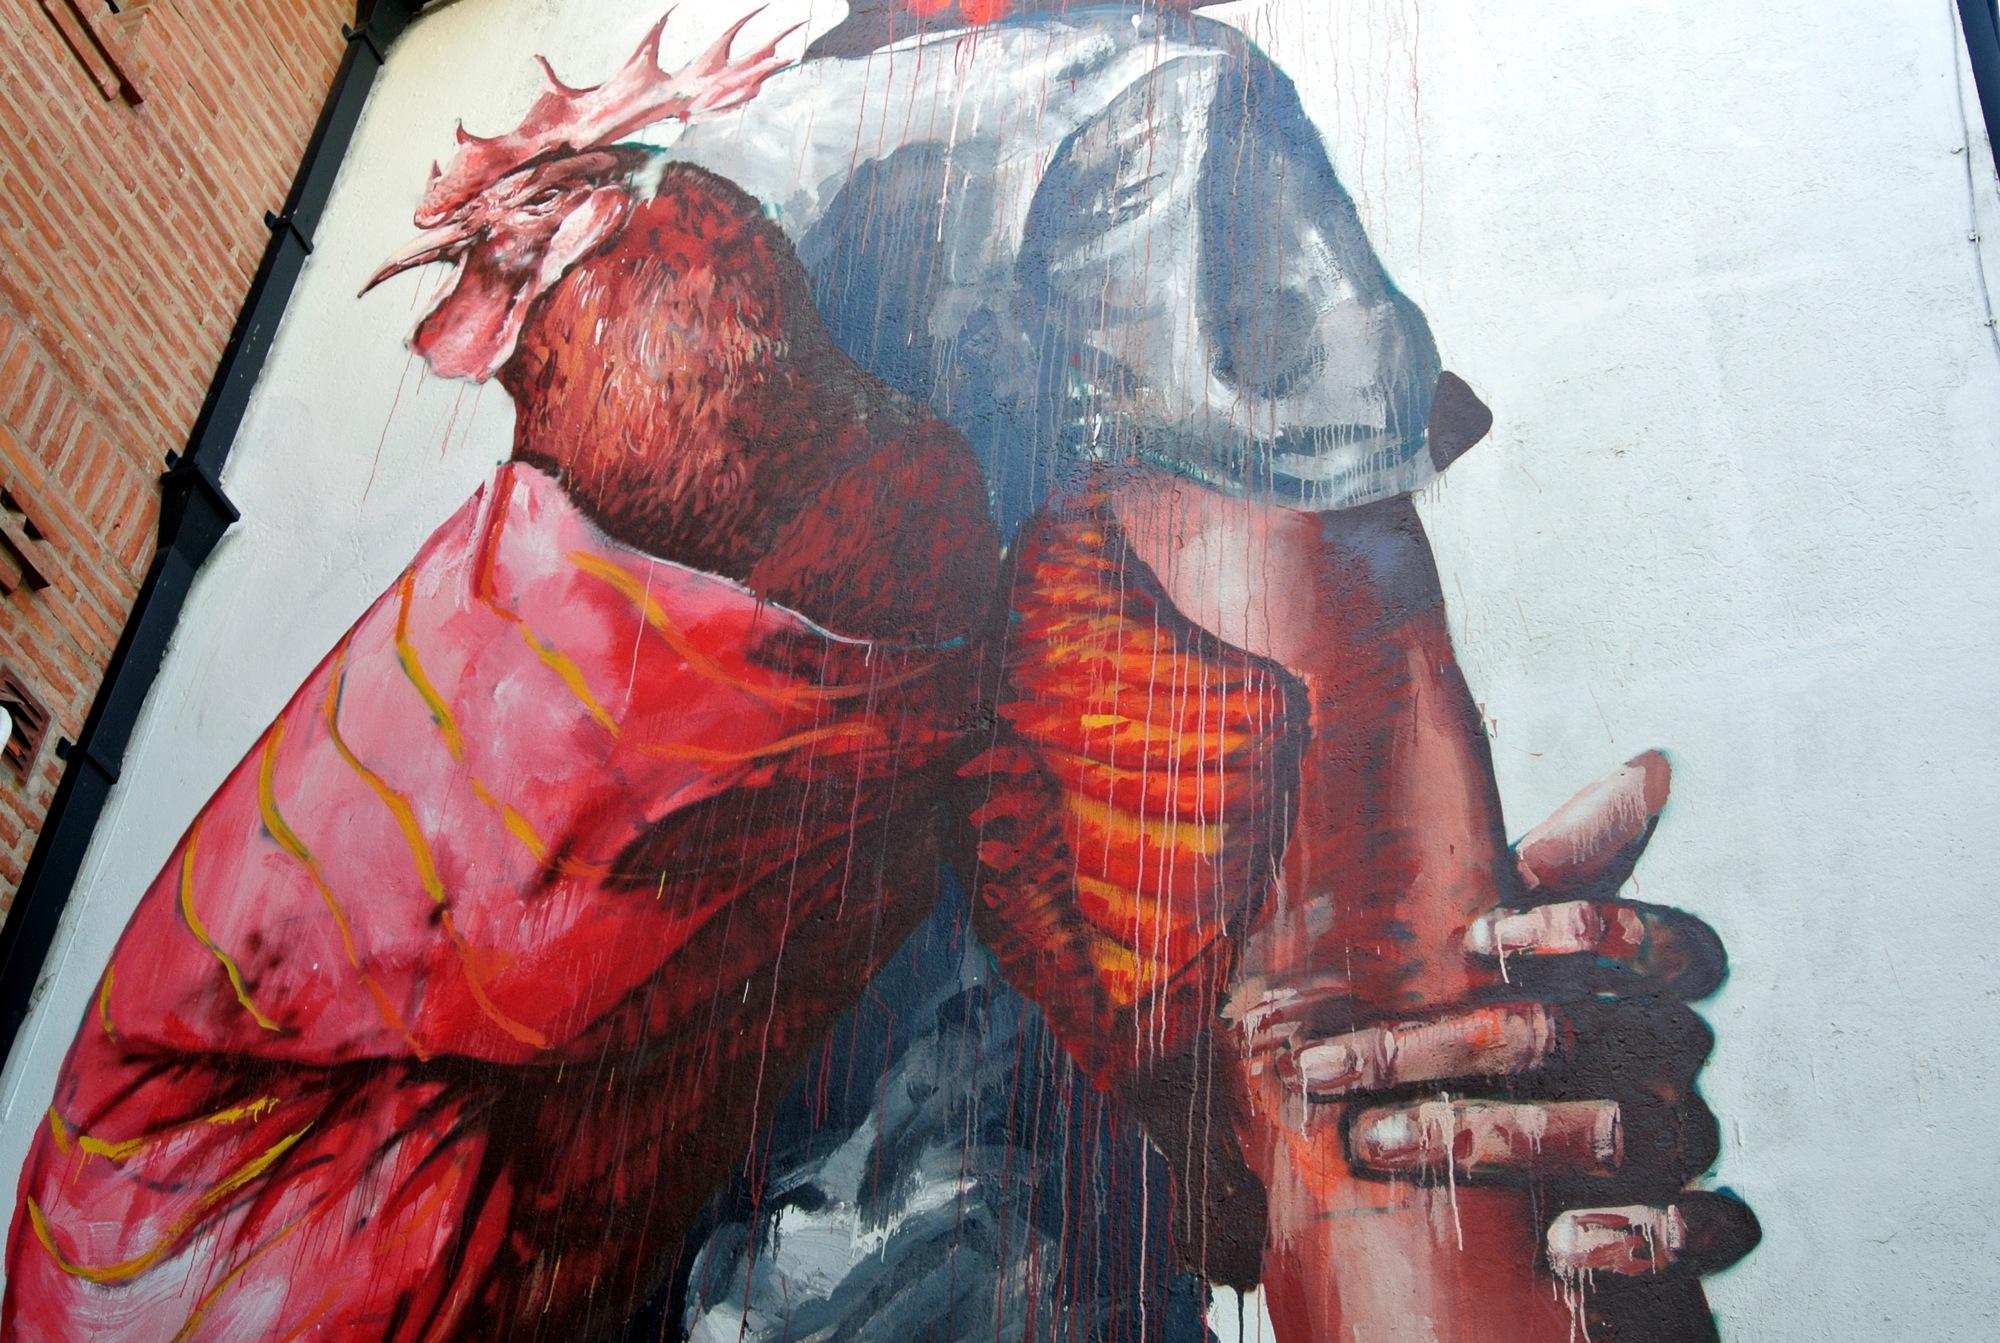 Fintan Magee mural en Buenos Aires